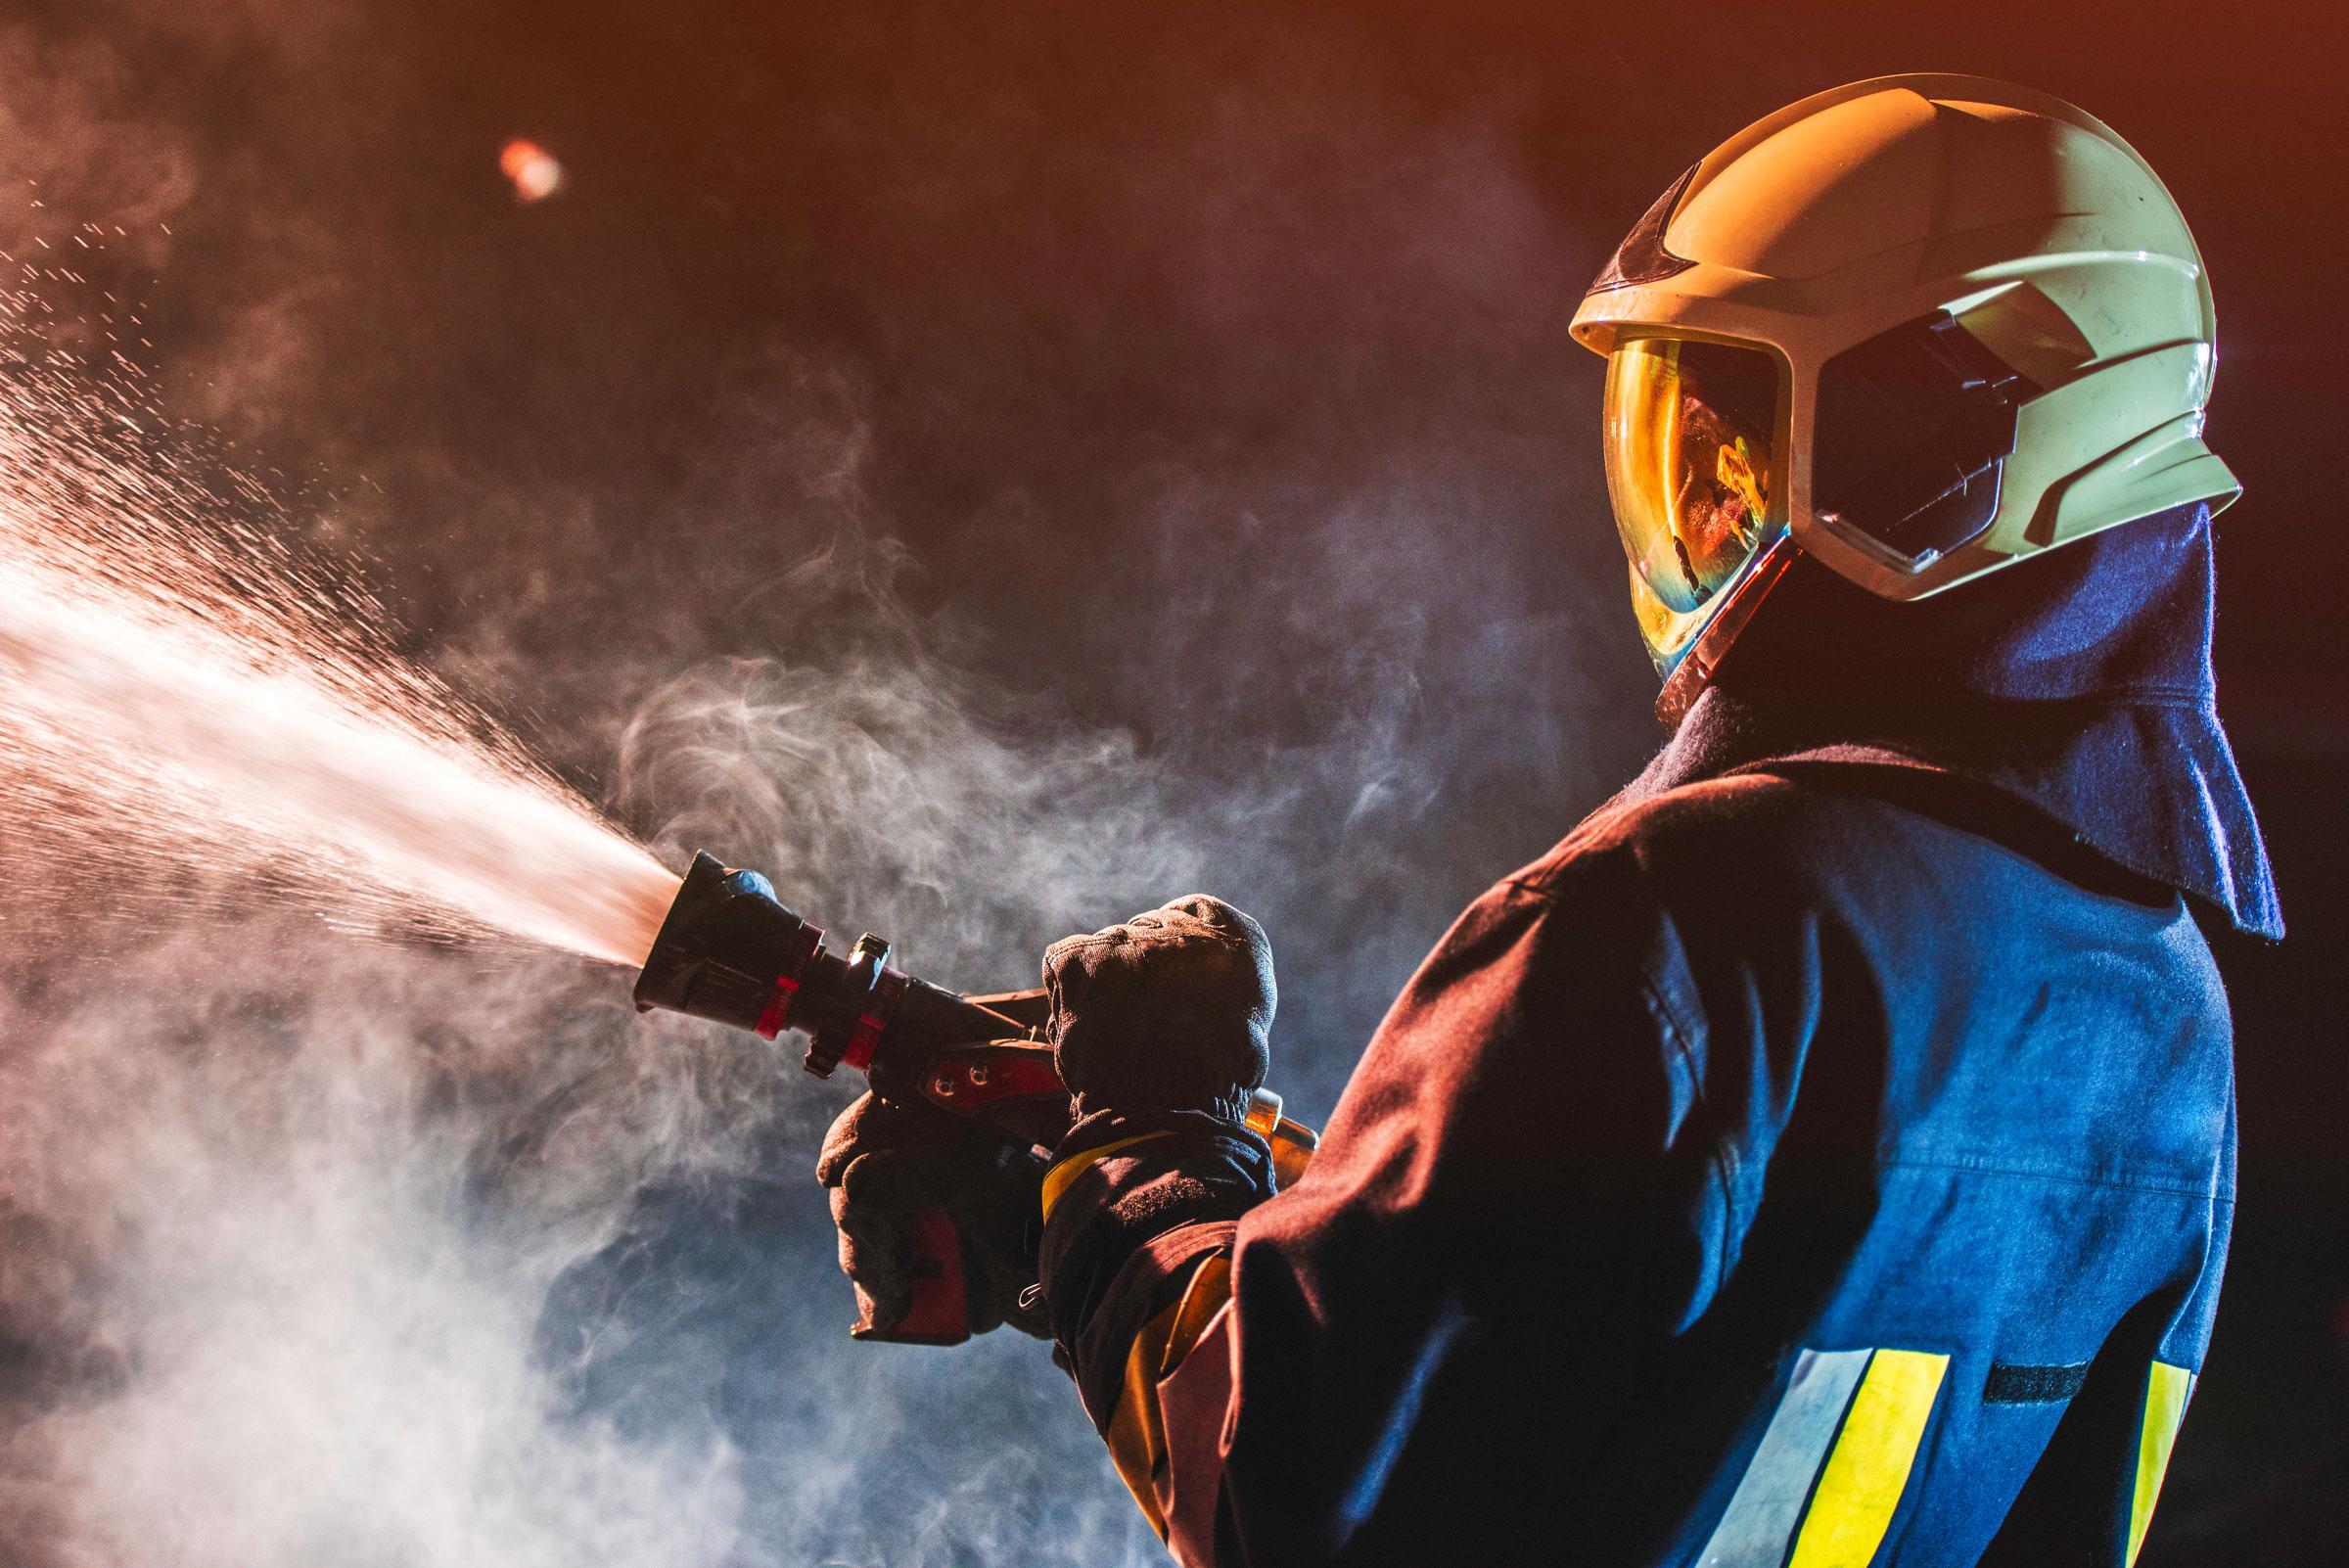 Feuerwehrmann bei Bekämpfung eines Brandes